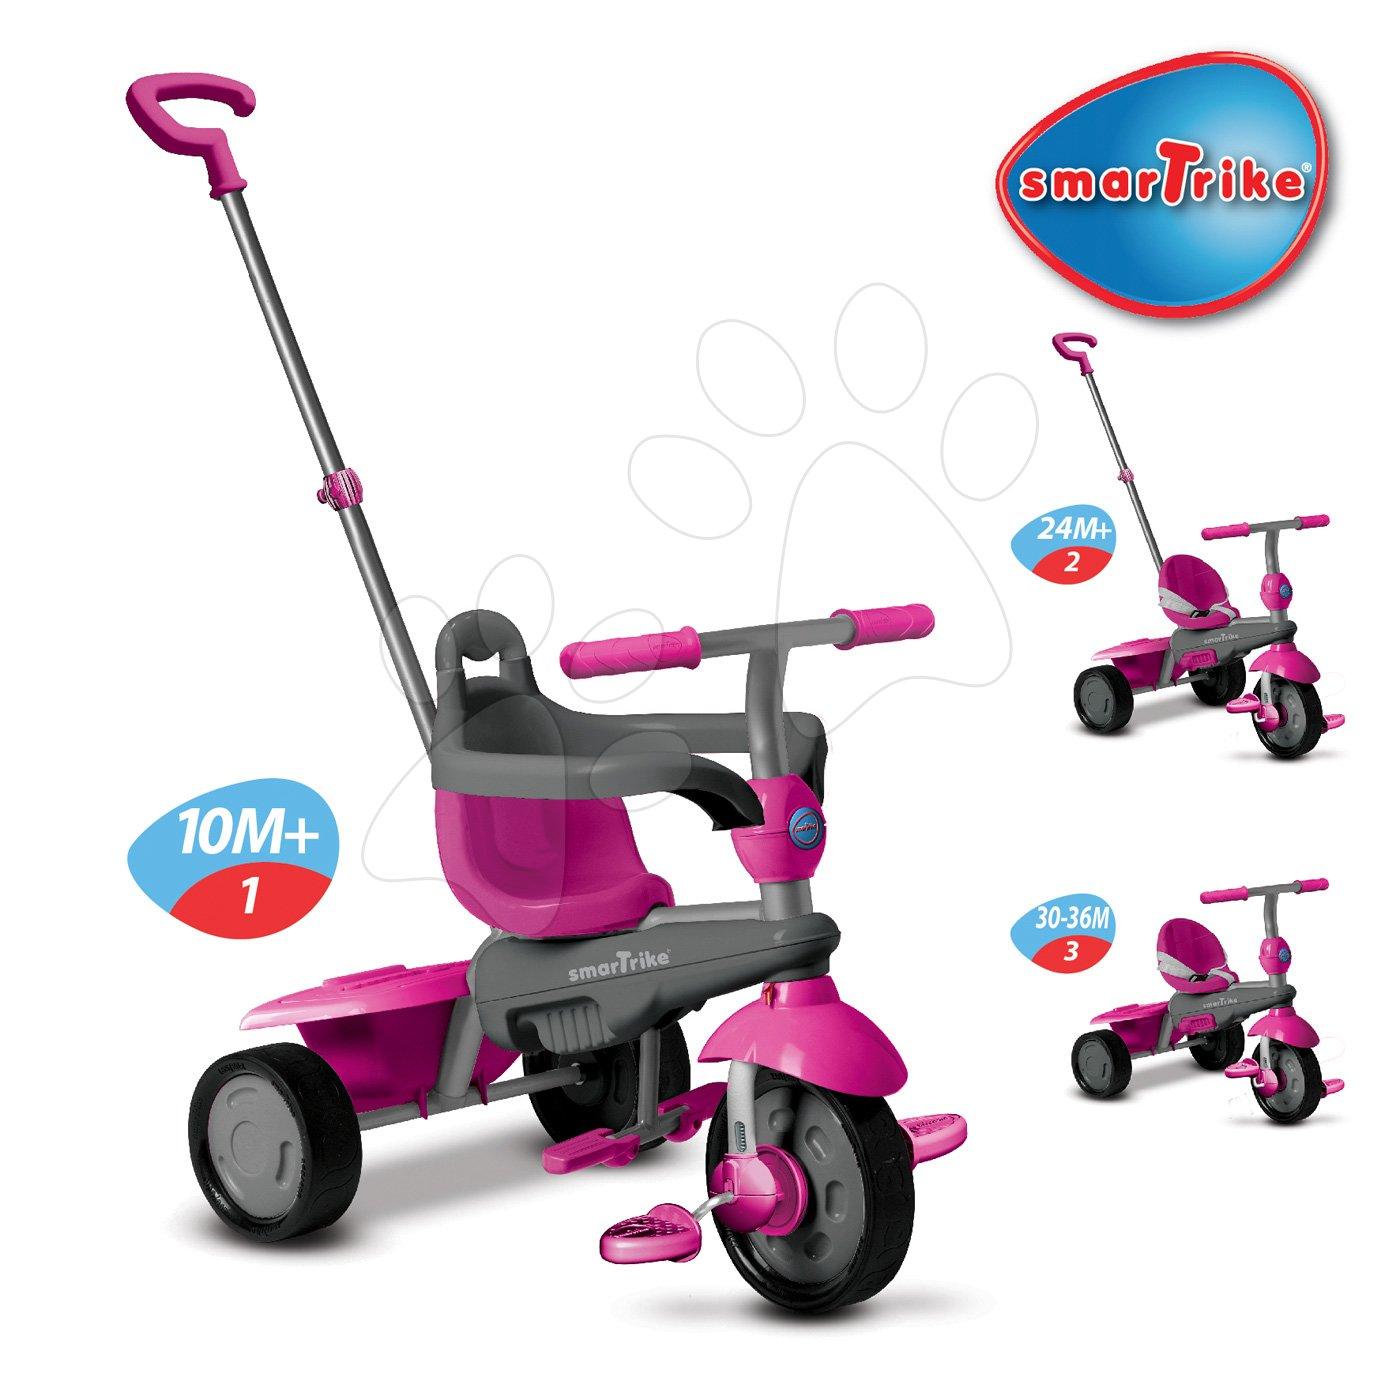 Trojkolky od 10 mesiacov - Trojkolka Breeze Touch Steering smarTrike ružovo-šedá od 10 mes